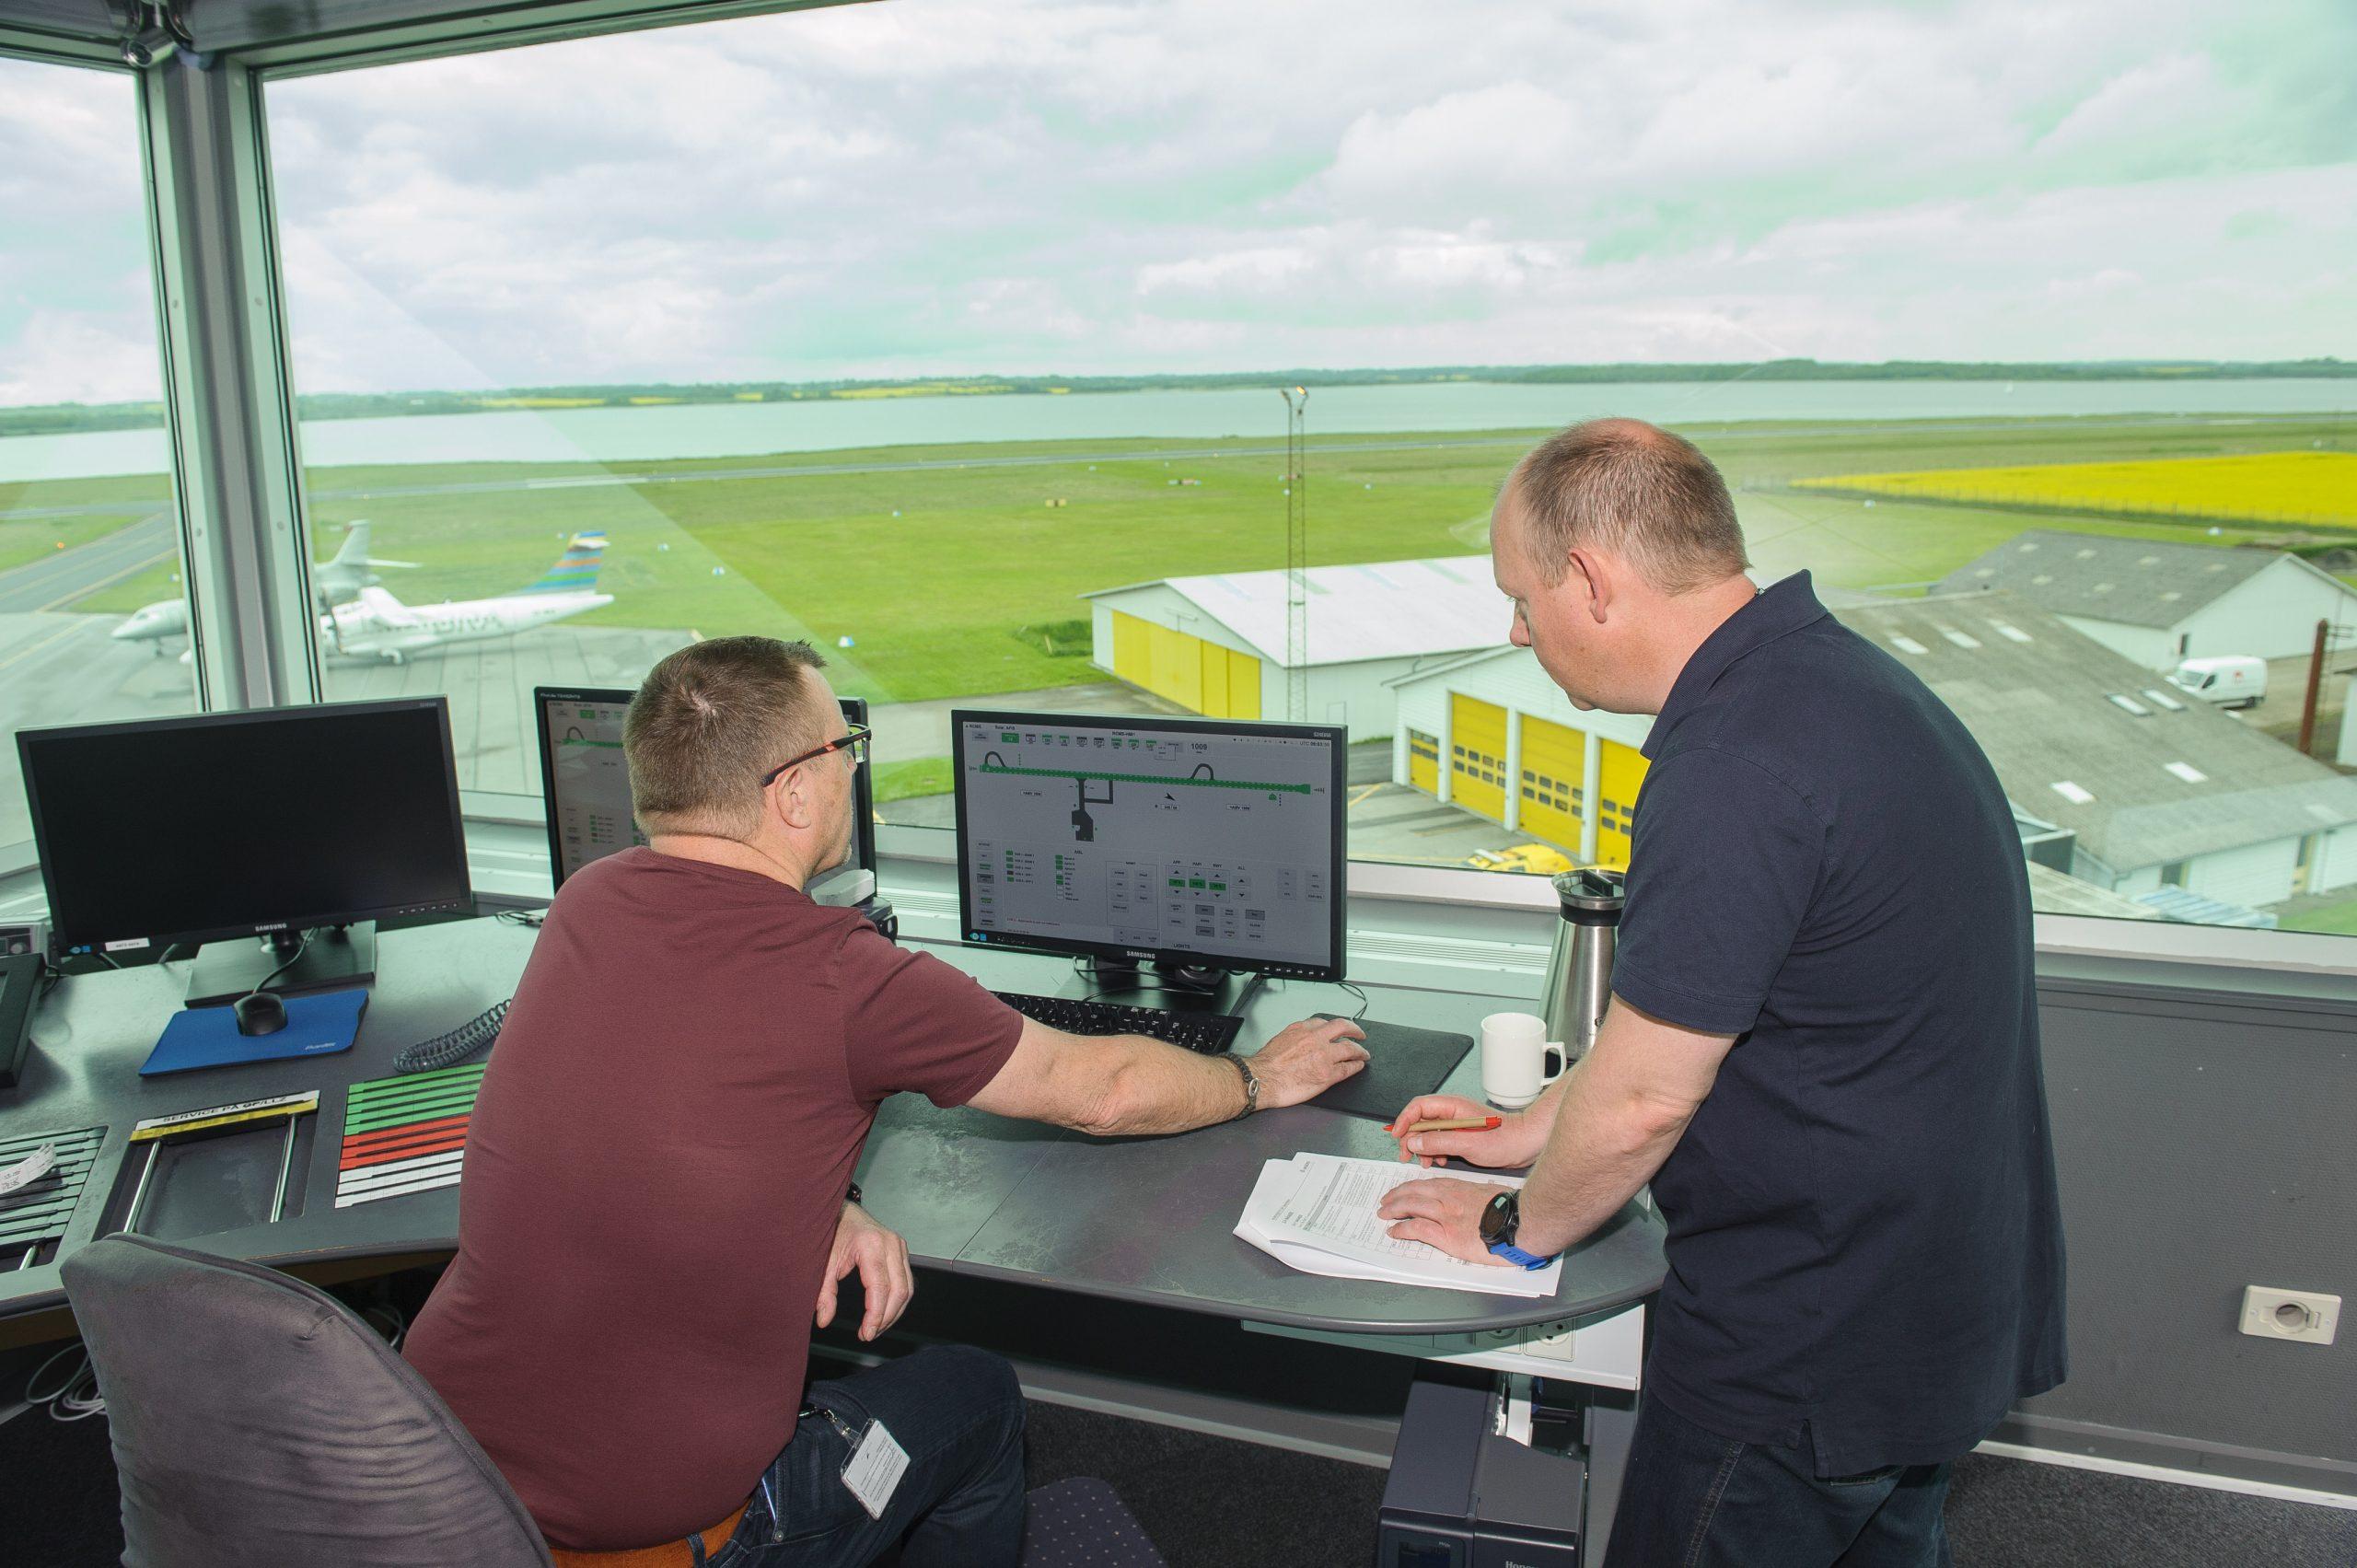 Sønderborg Lufthavn har opgraderet flere systemer for at forbedre de operationelle procedurer. Foto: Sønderborg Lufthavn